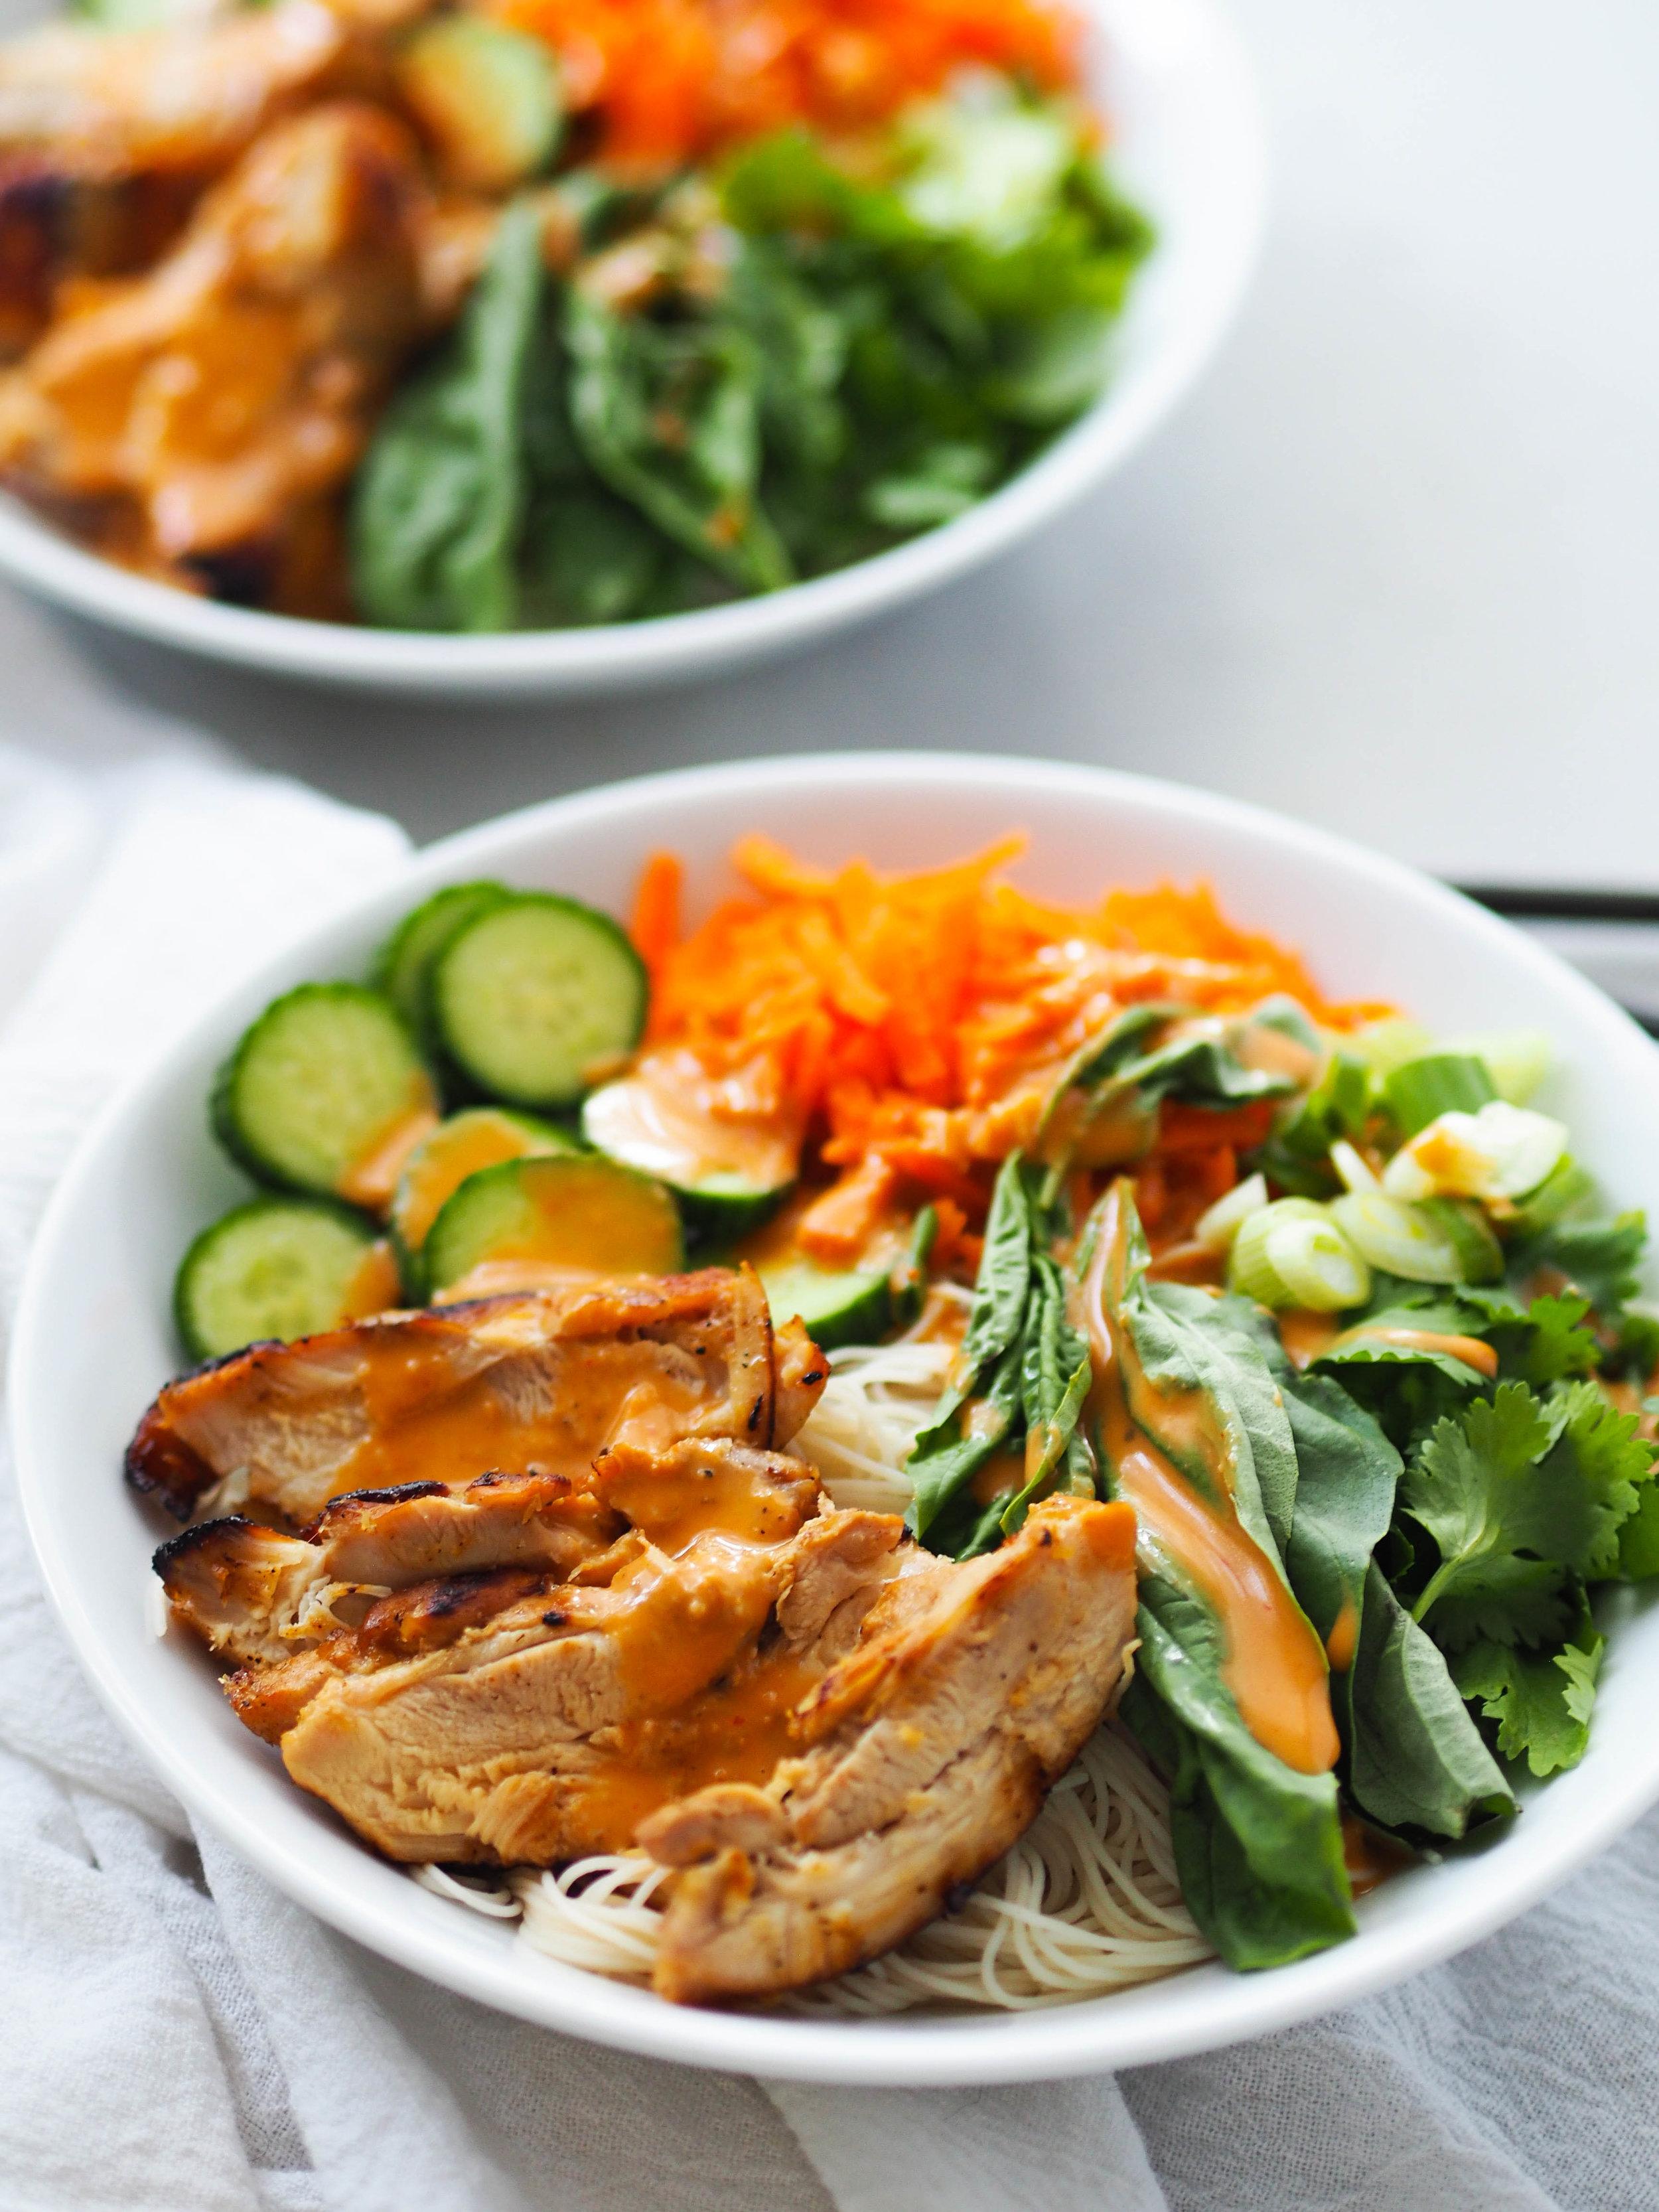 这碗和土豆三明治吃了一碗饭,吃了20分钟就不能吃了!周末在周末的时候!#######两个烹饪#